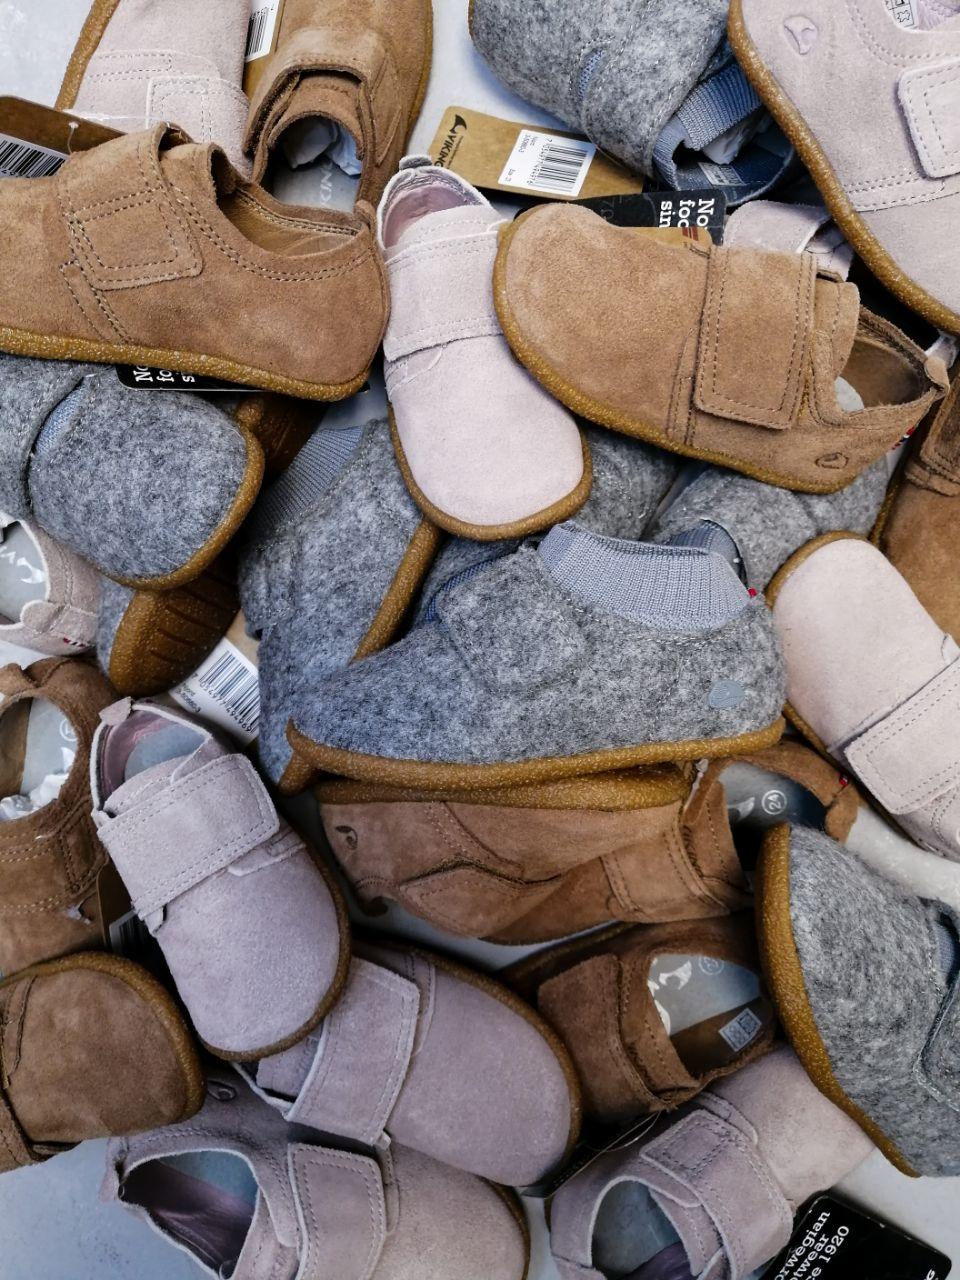 Купить туфли Viking для малышей можно онлайн или по бесплатному номеру, указанному на сайте. При выборе размера ориентируйте на длину стопы по стельке.